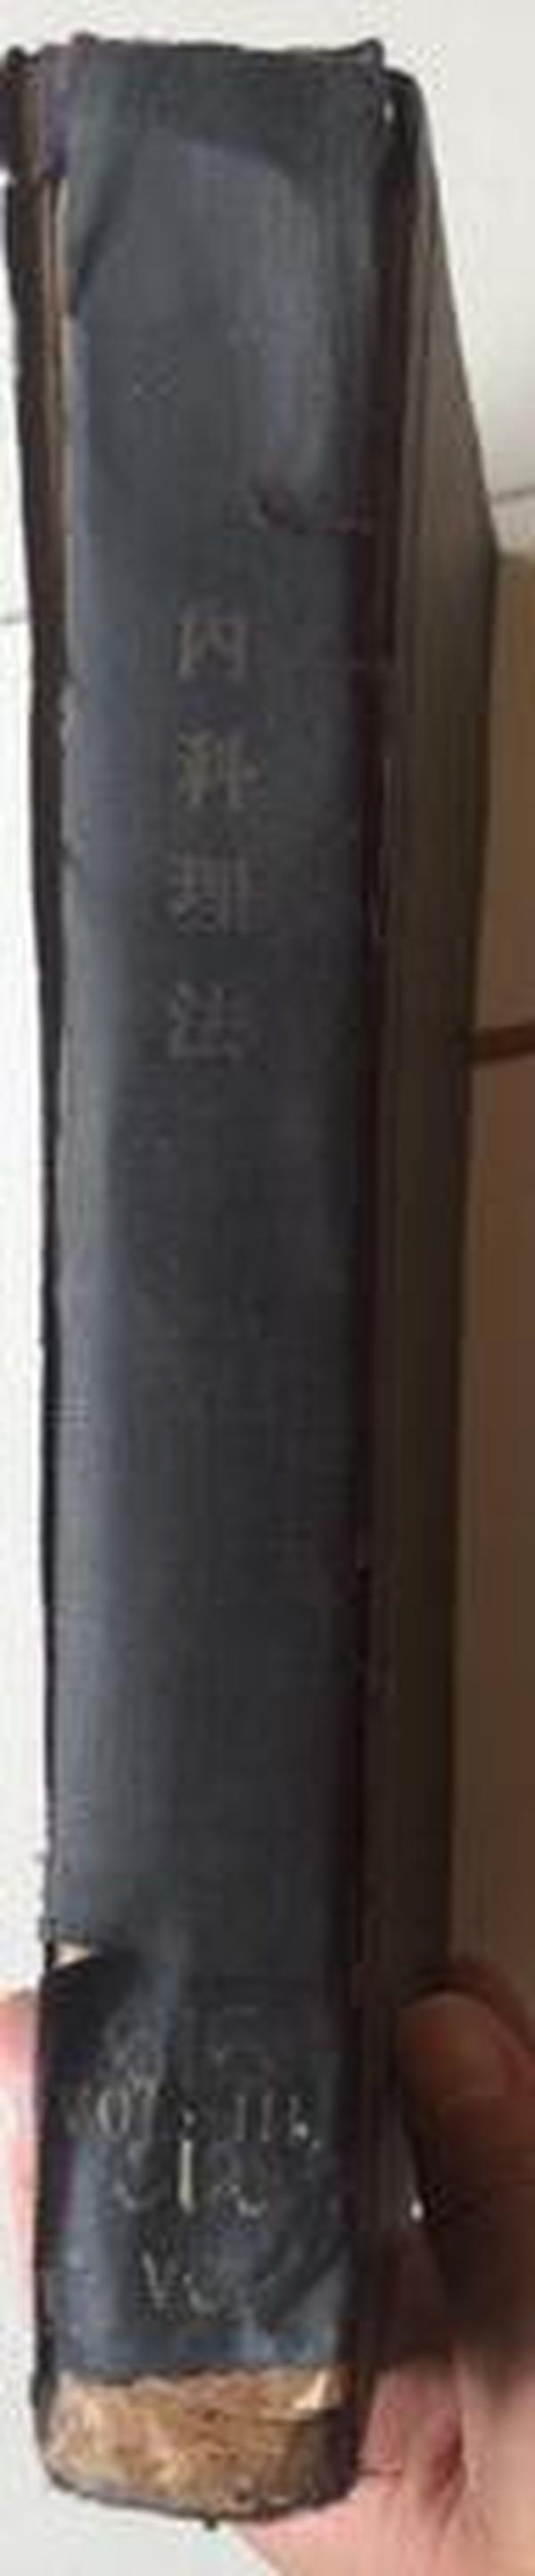 內科理法(編四-編八+附)(線裝,一大冊,圣約翰大學制作為硬精裝,貼有1915年藏書卡片)